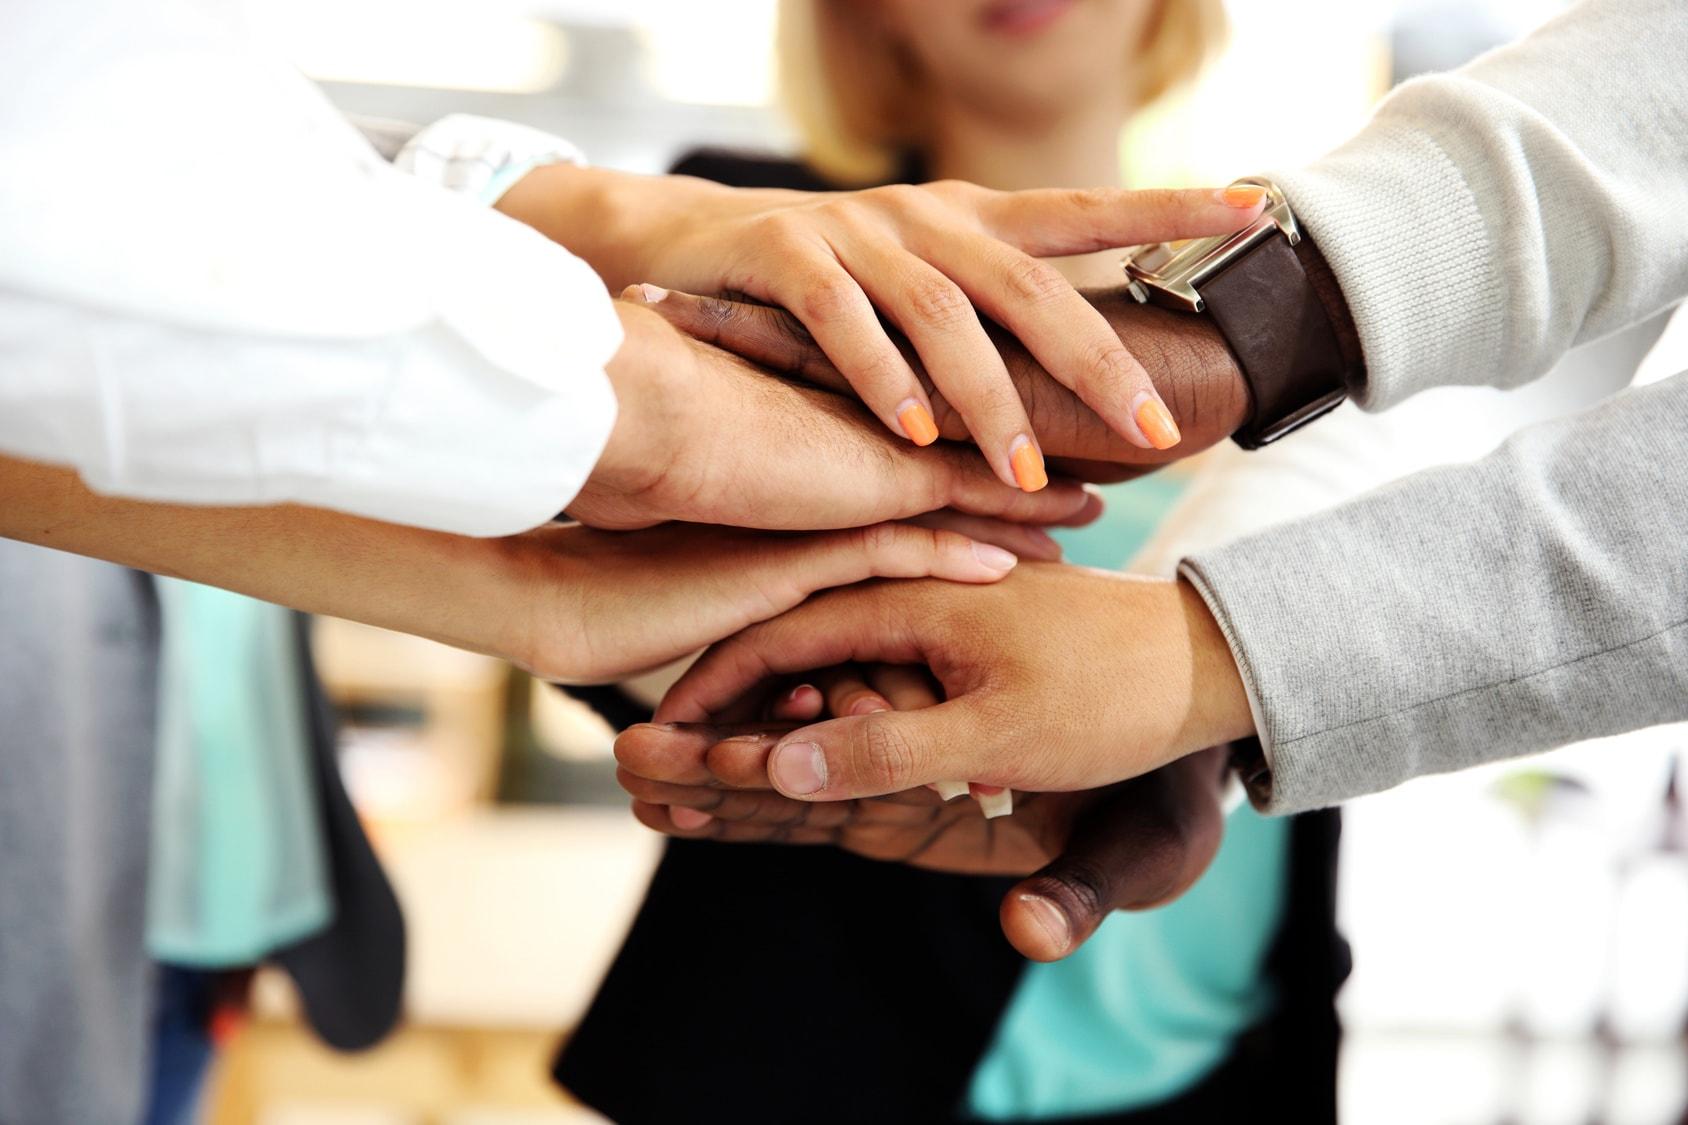 contrat entretien ménager,Franchise de nettoyage,franchise d'entretien ménager,franchise entretien ménager,franchise de ménage